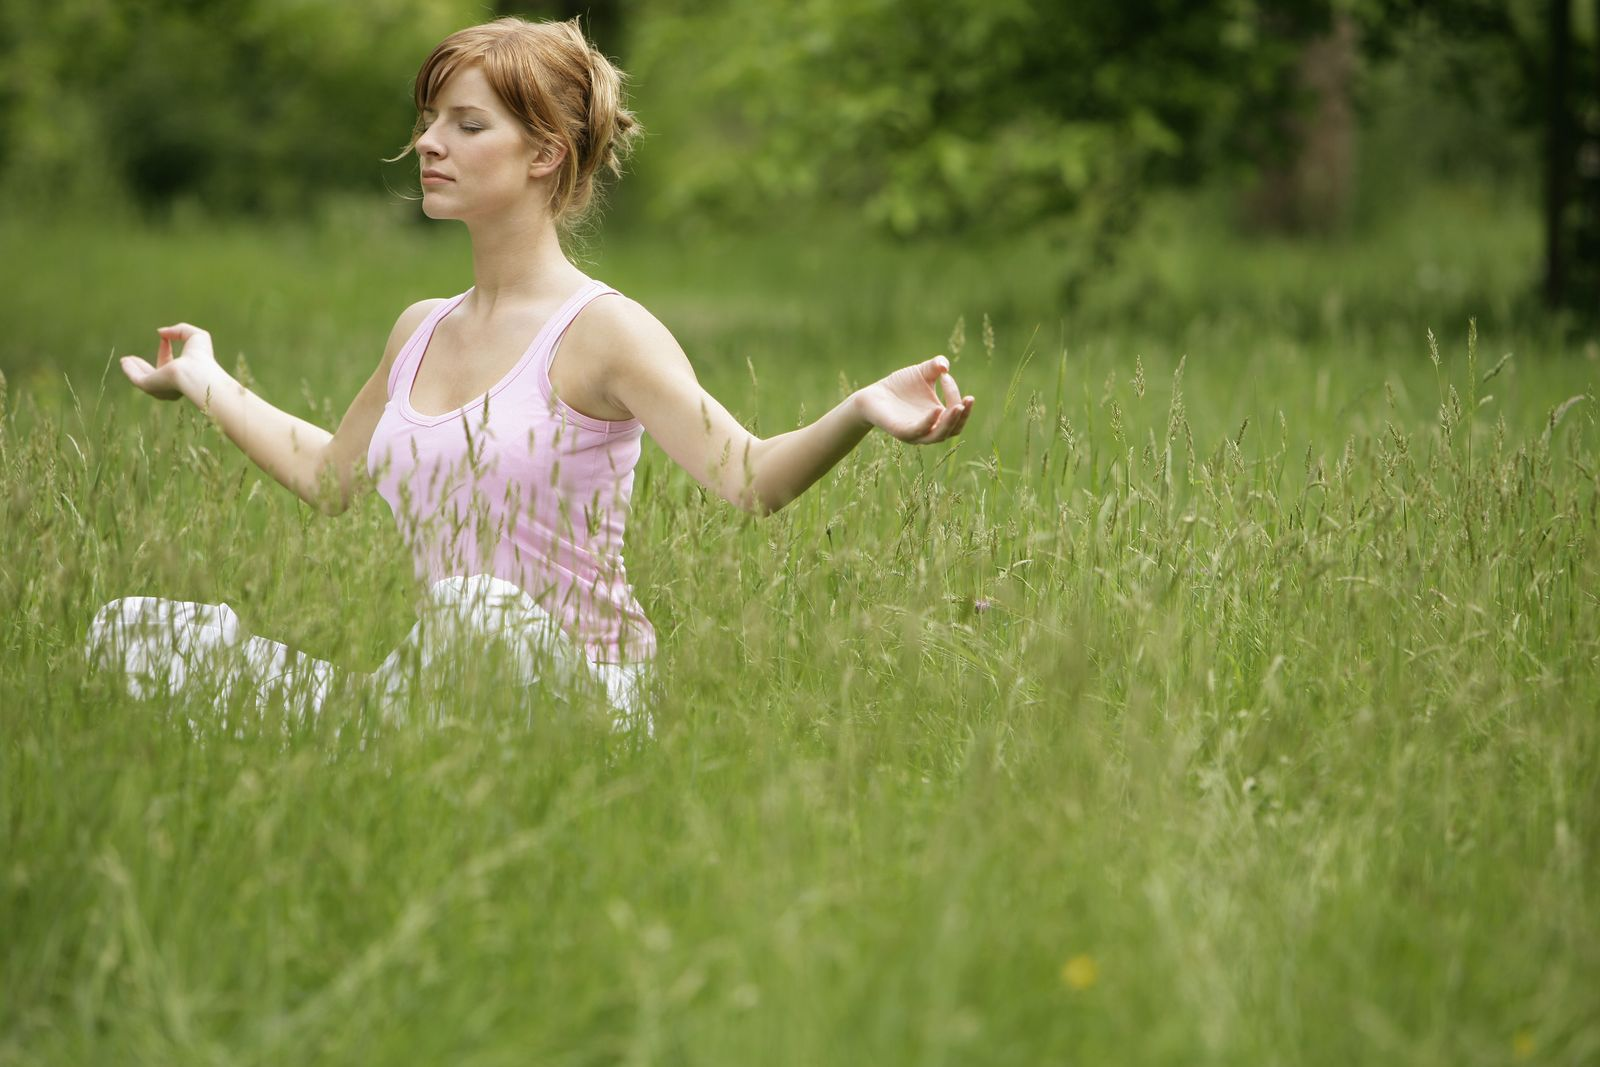 NICHT MEHR VERWENDEN! - Meditation/ Yoga